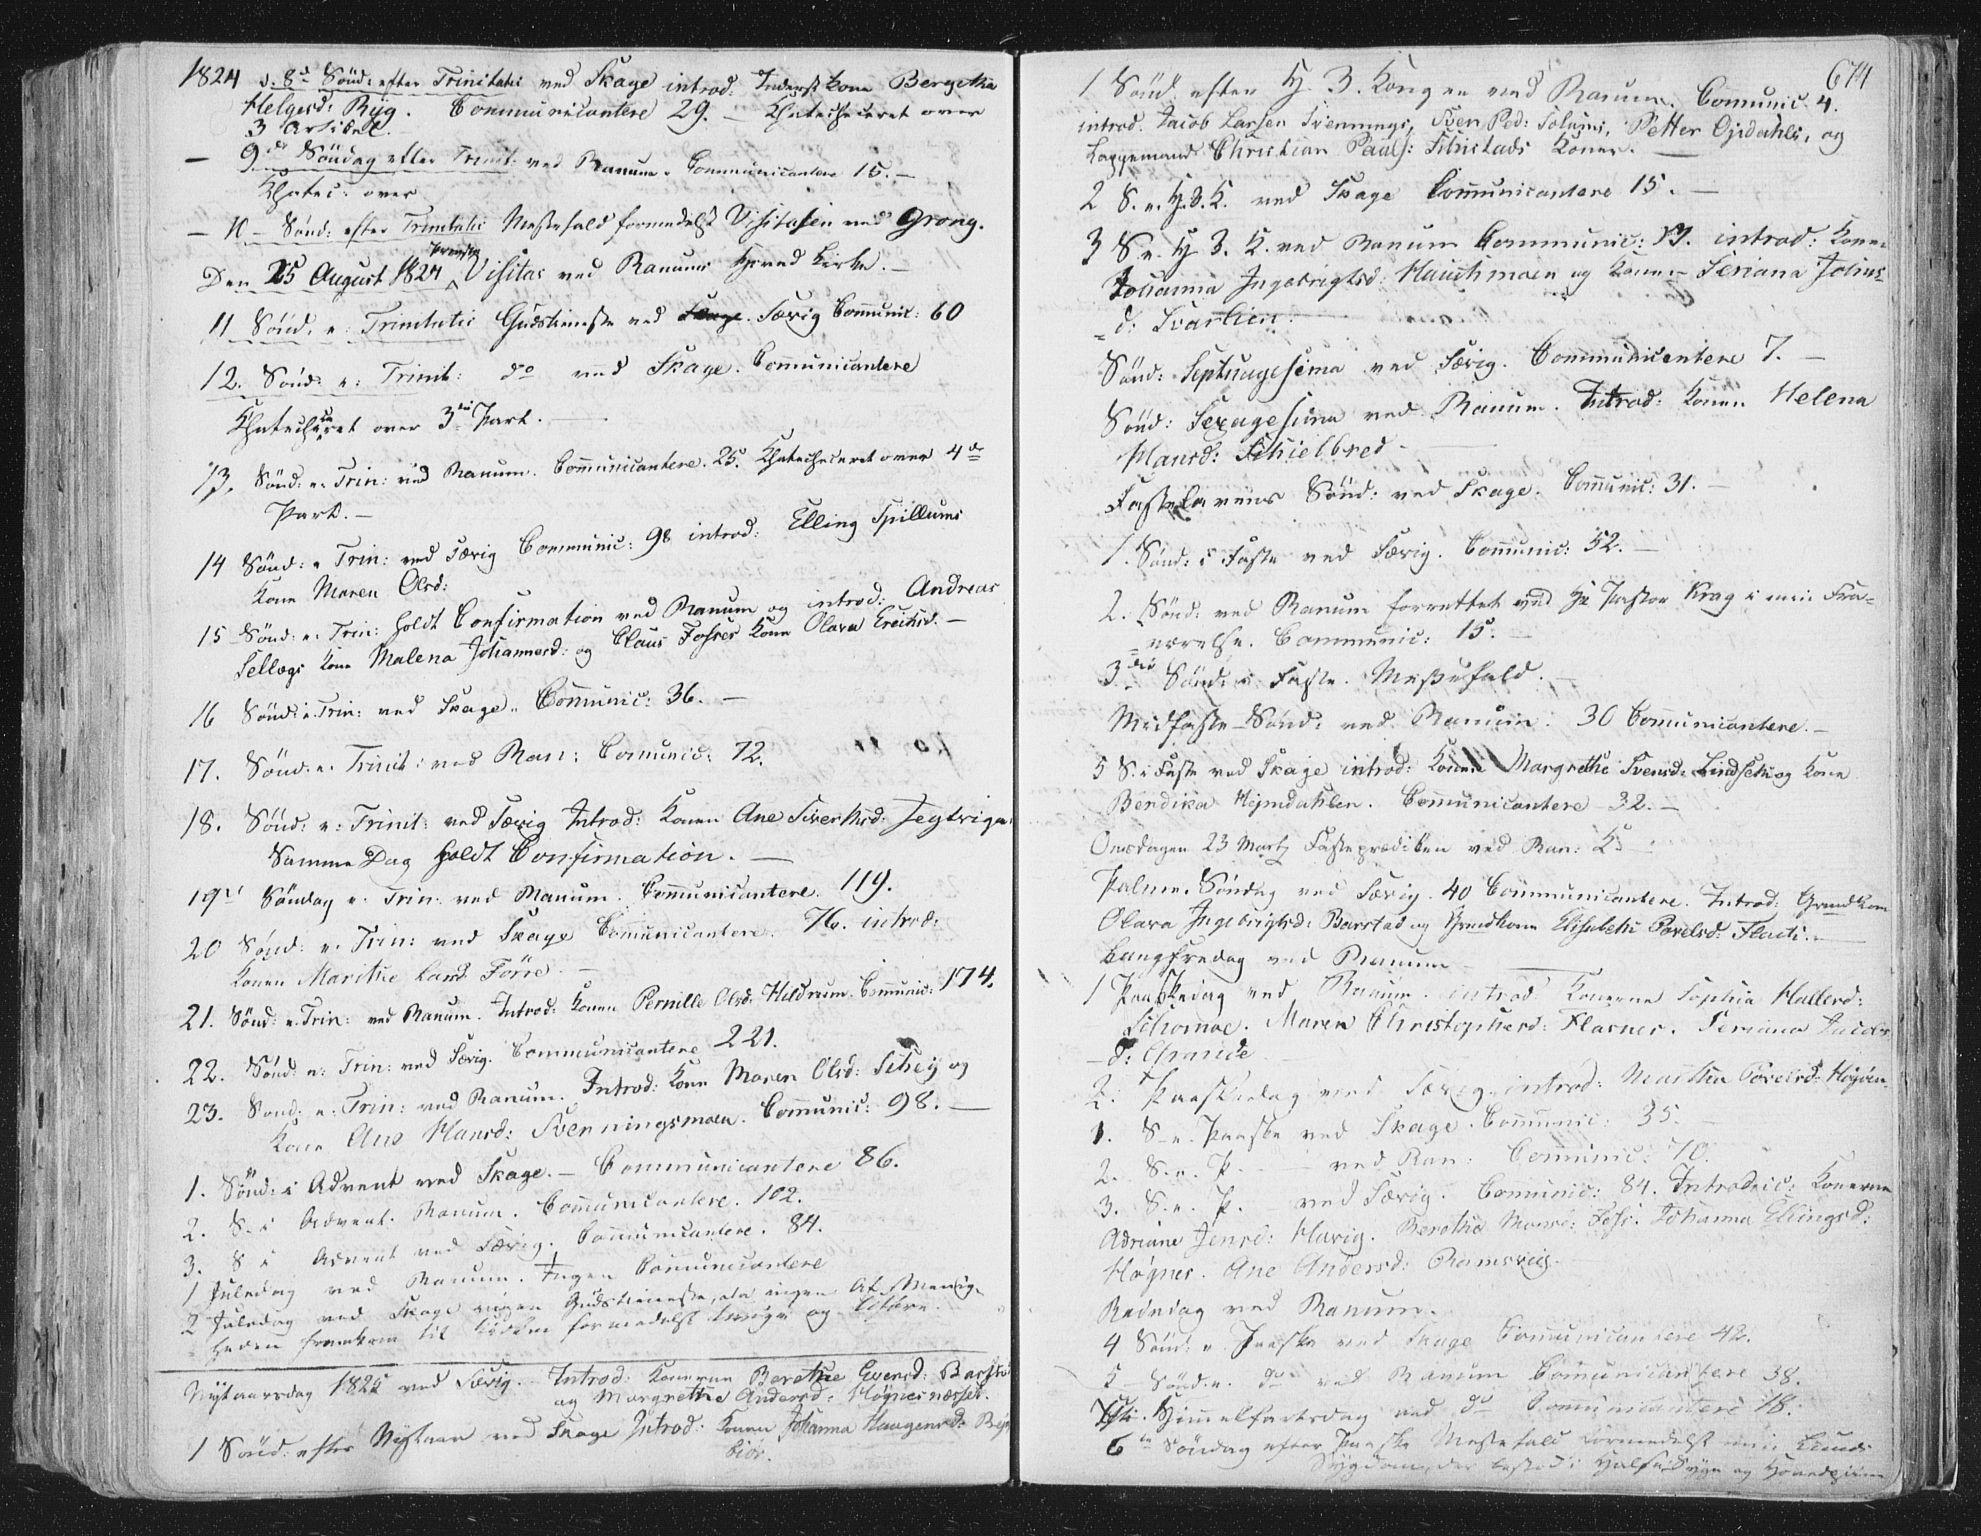 SAT, Ministerialprotokoller, klokkerbøker og fødselsregistre - Nord-Trøndelag, 764/L0552: Ministerialbok nr. 764A07b, 1824-1865, s. 674